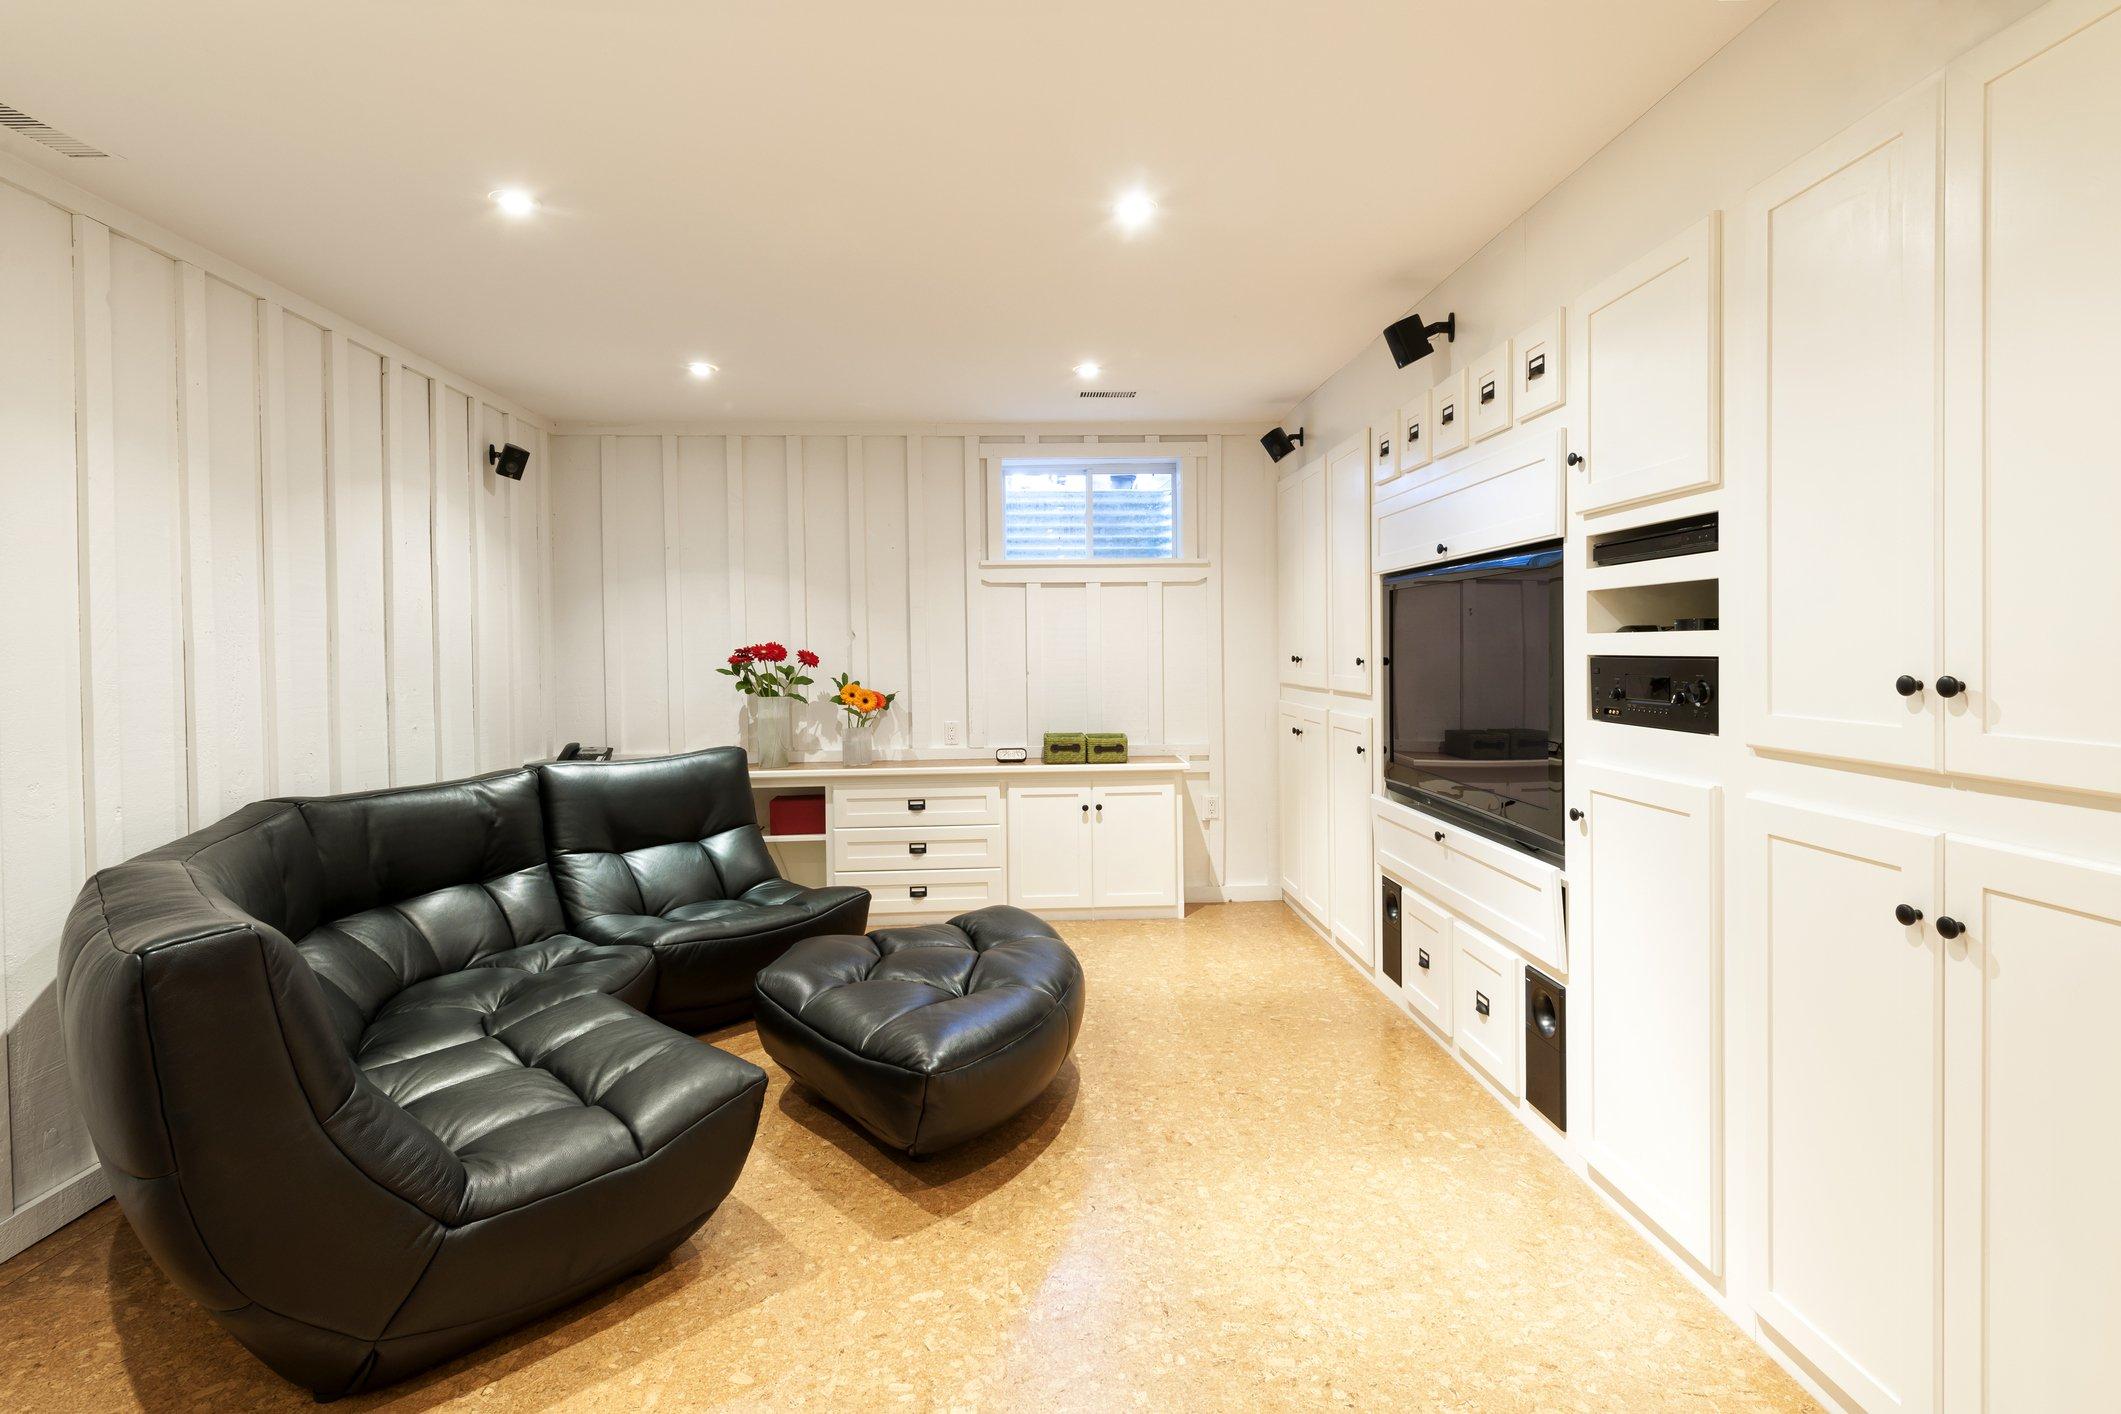 basement that has been waterproofed